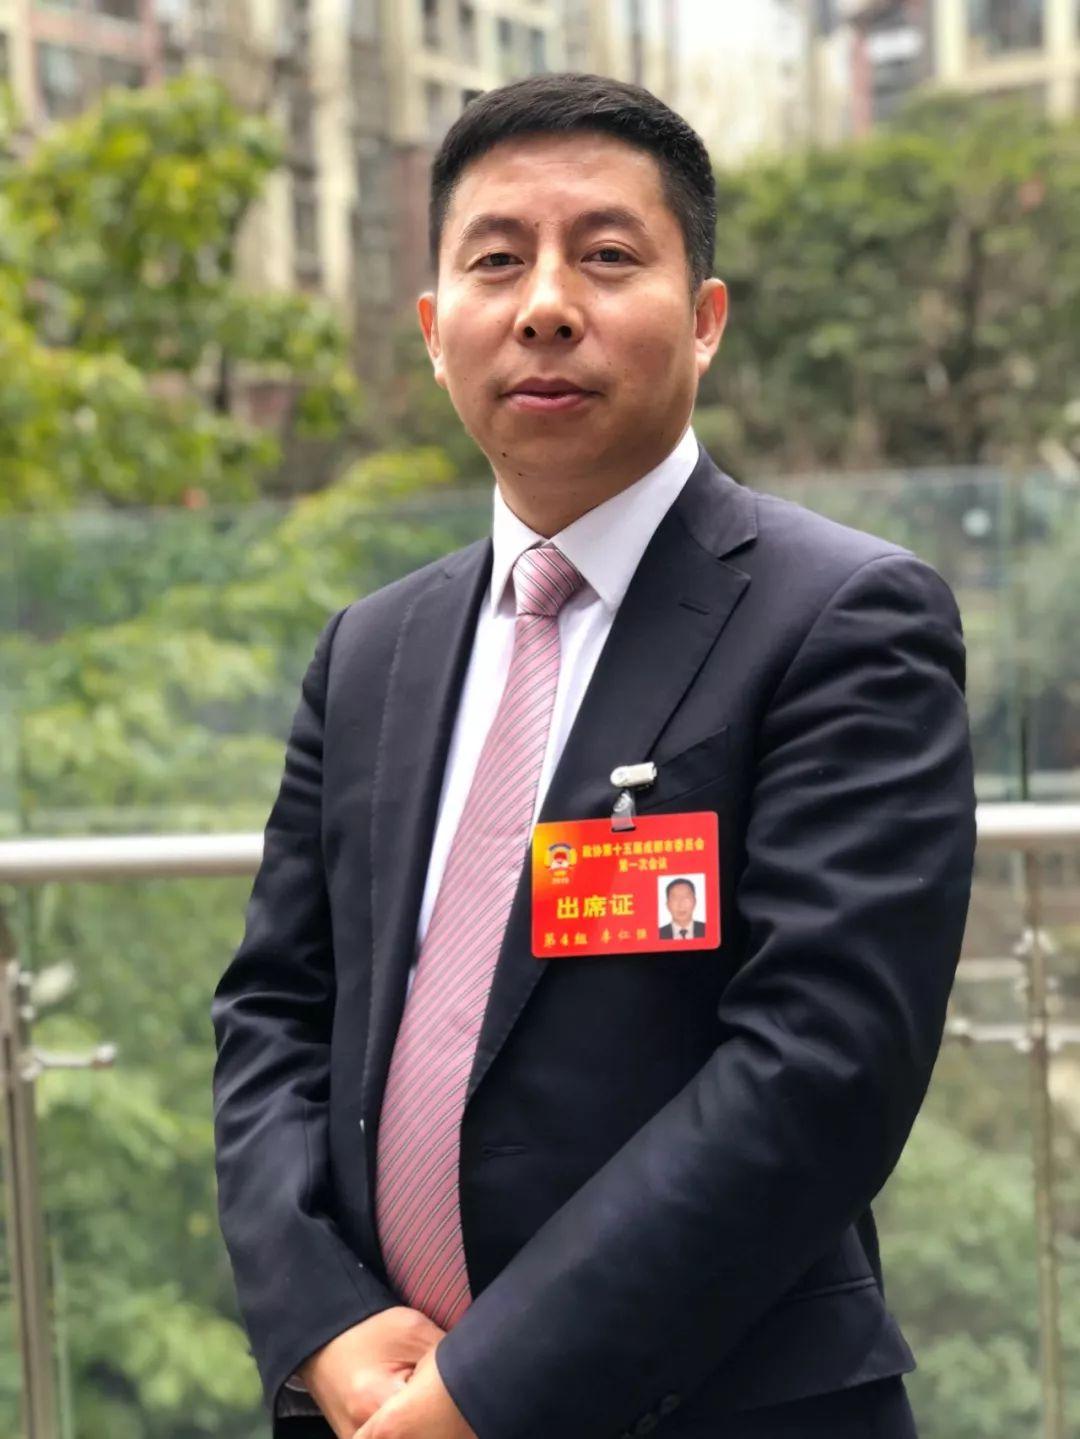 成都市政协委员李仁强